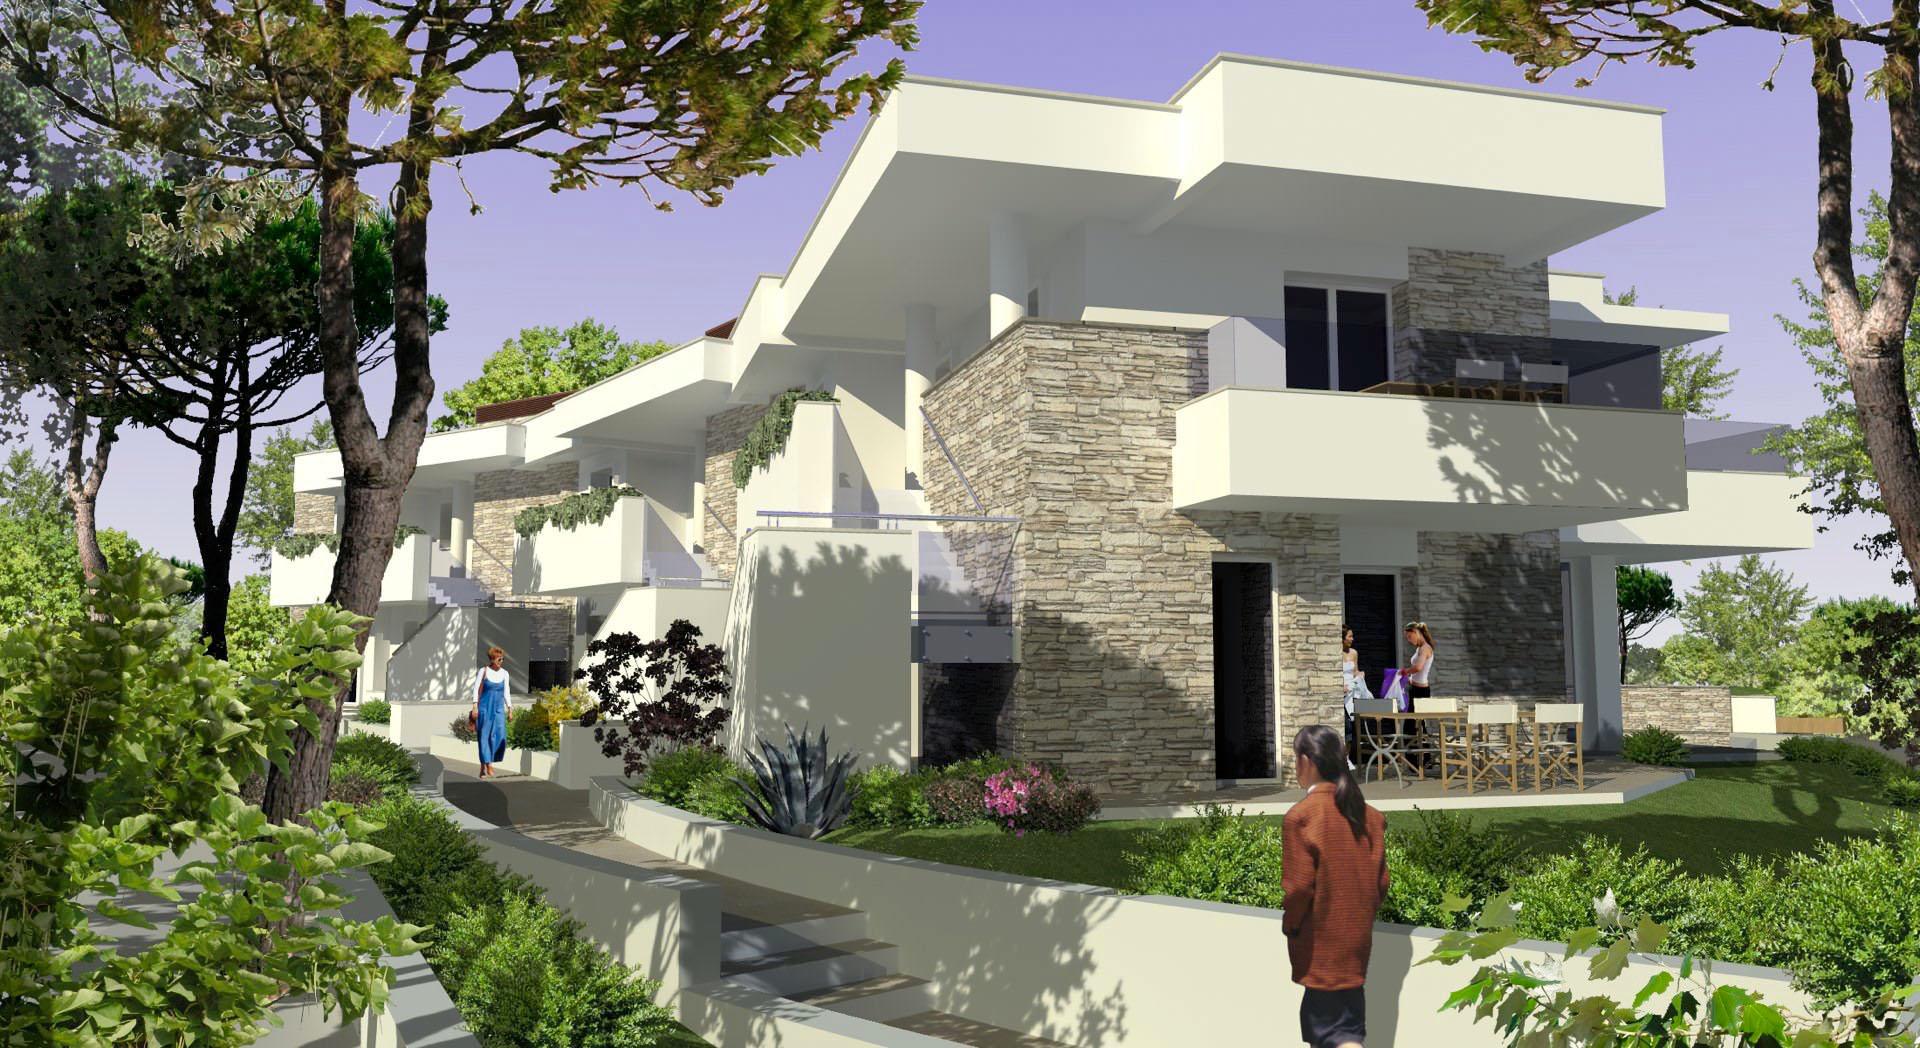 Studio Matteoni - Residenze dei Pini Riccione